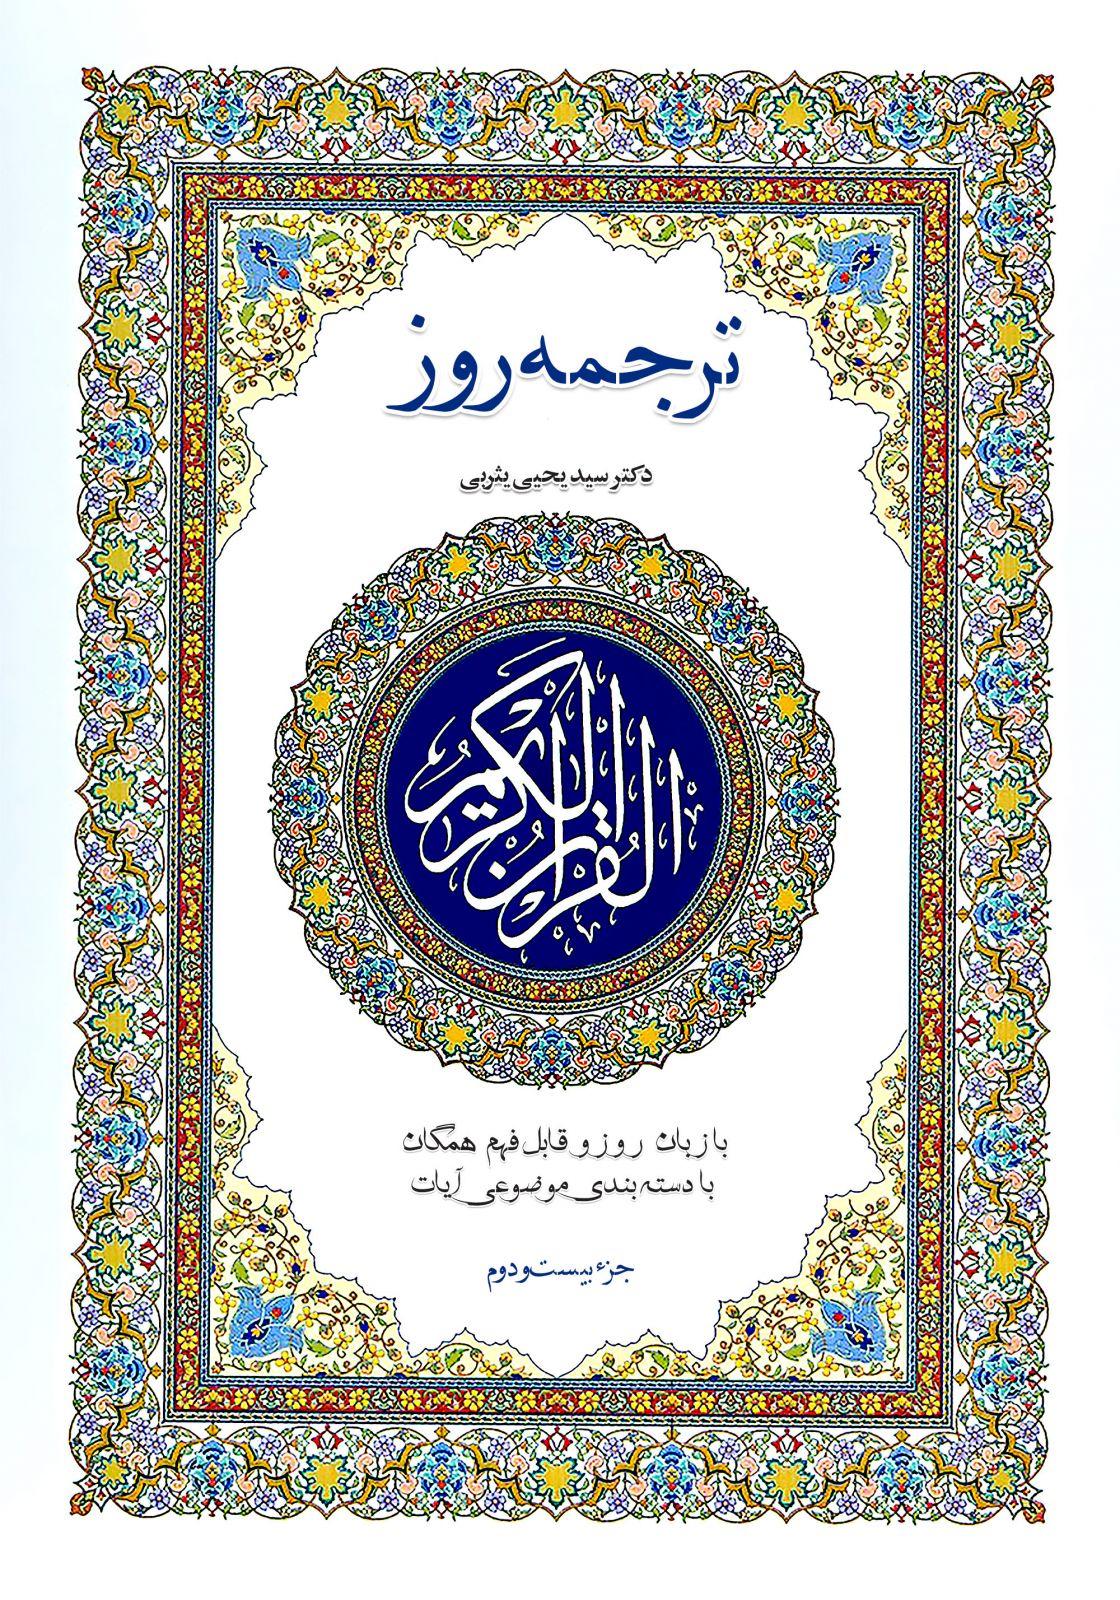 قرآن کریم (جزء بیست و دوم)